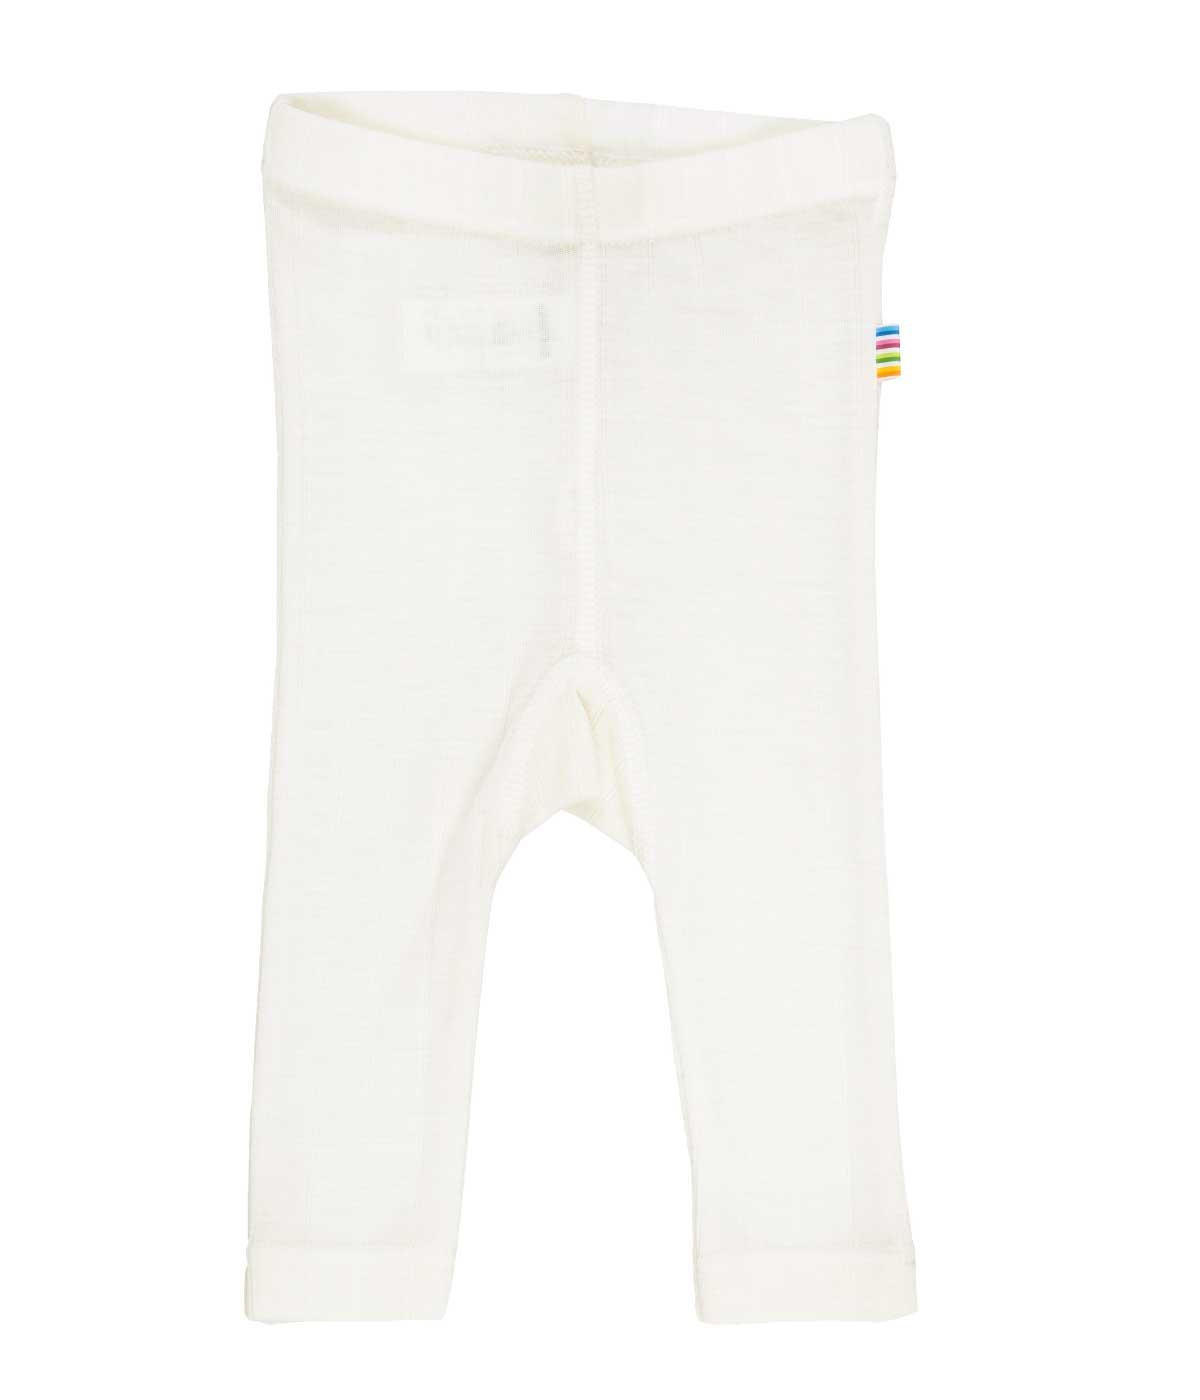 e6ee9ee70cd Bukser i uld/silke, natur fra Joha